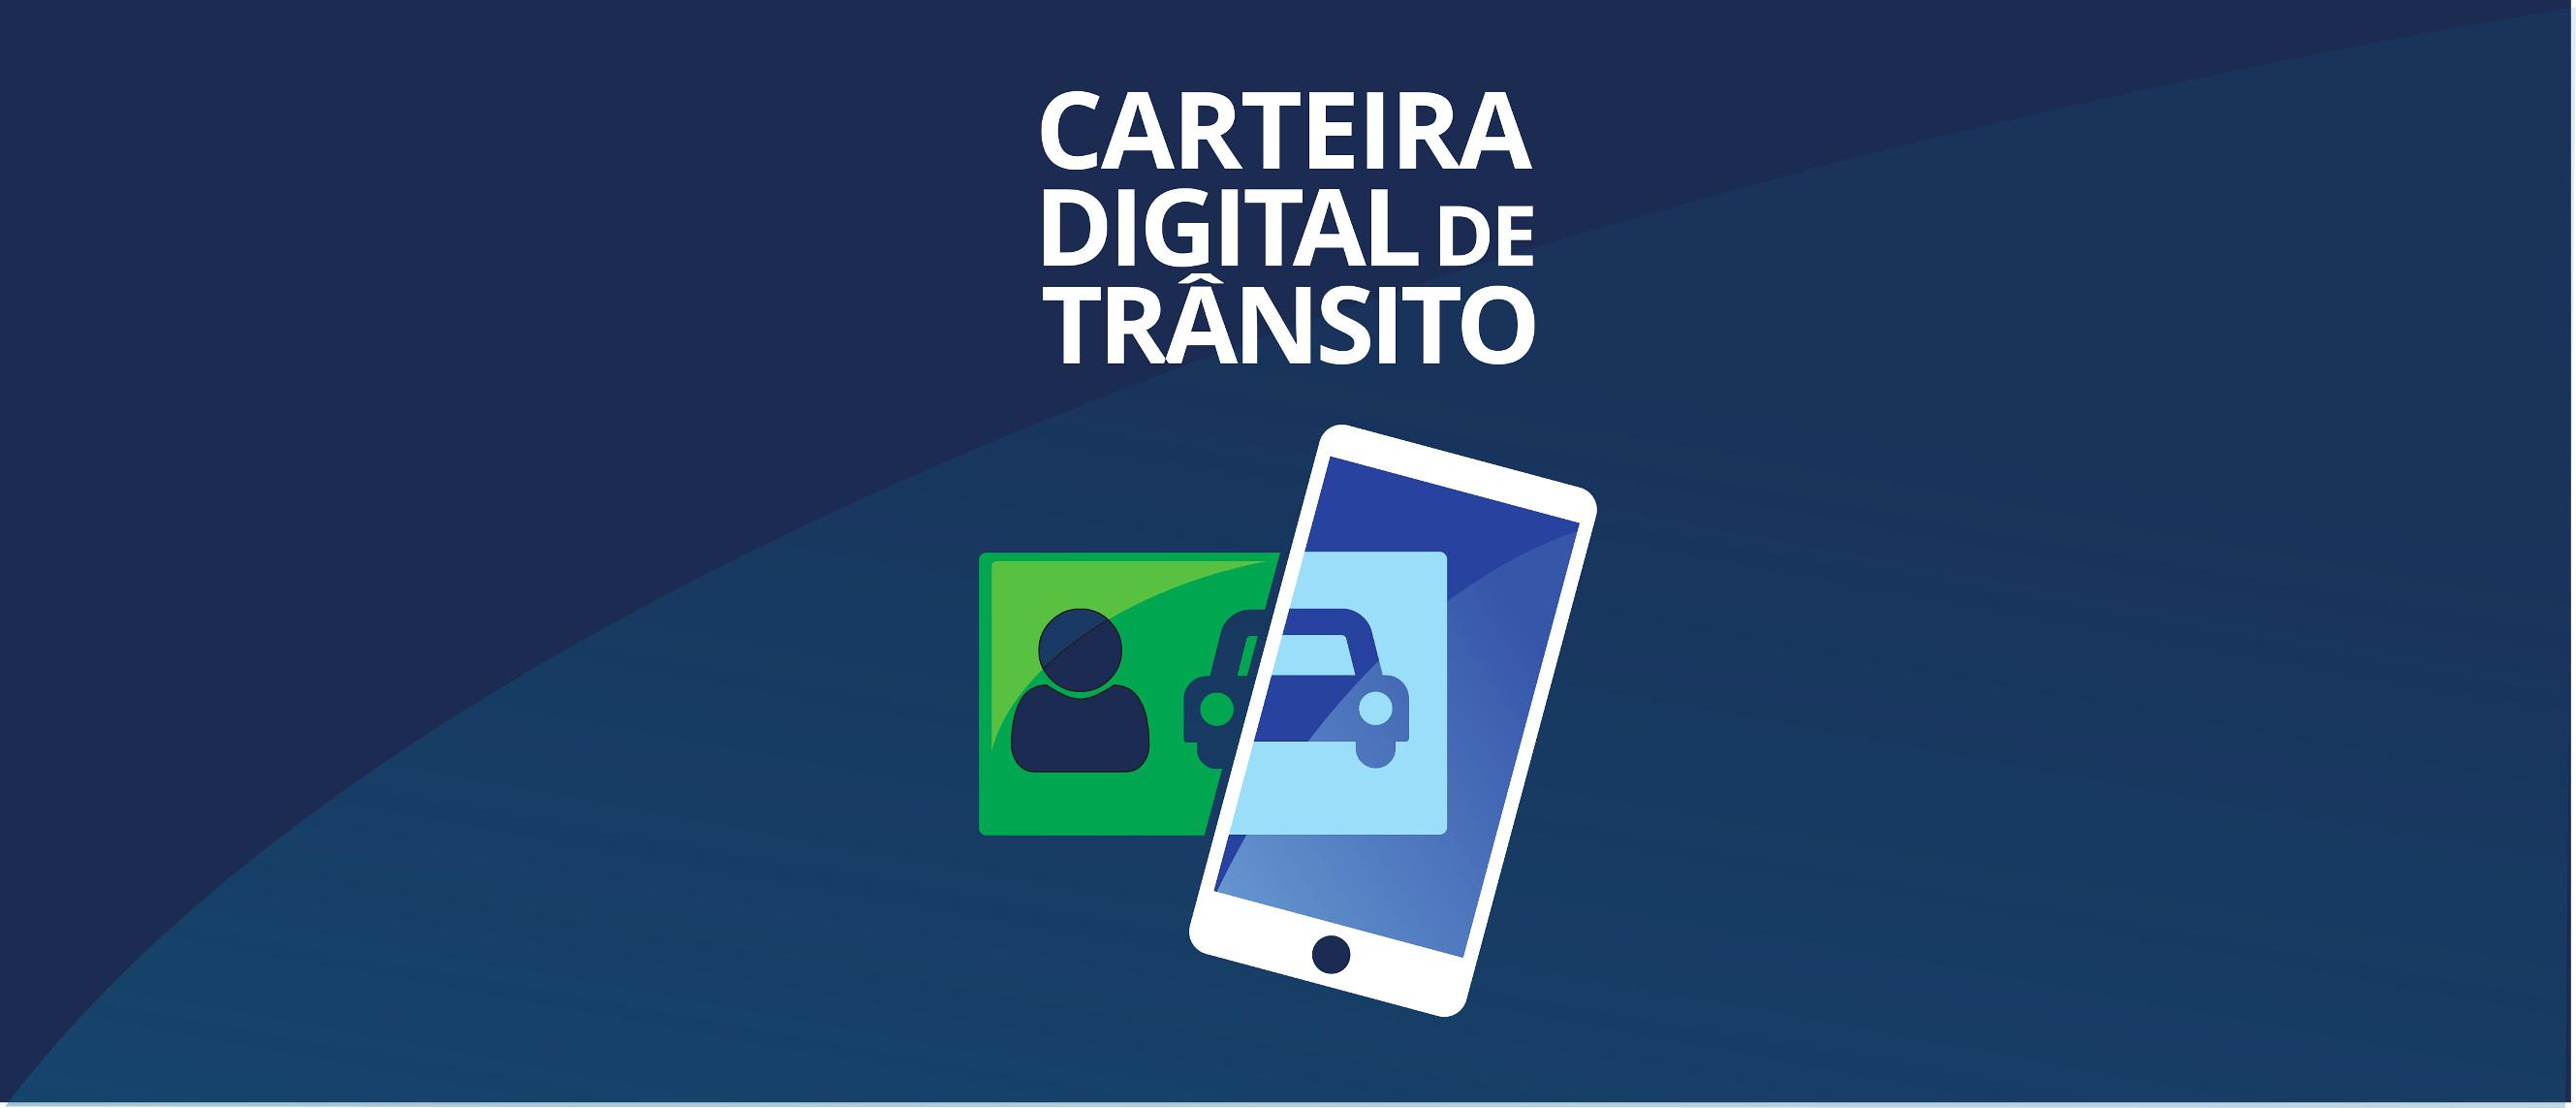 http://serpro.gov.br/menu/nosso-portfolio/por-publico/para-cidadao/cnh-digital-1